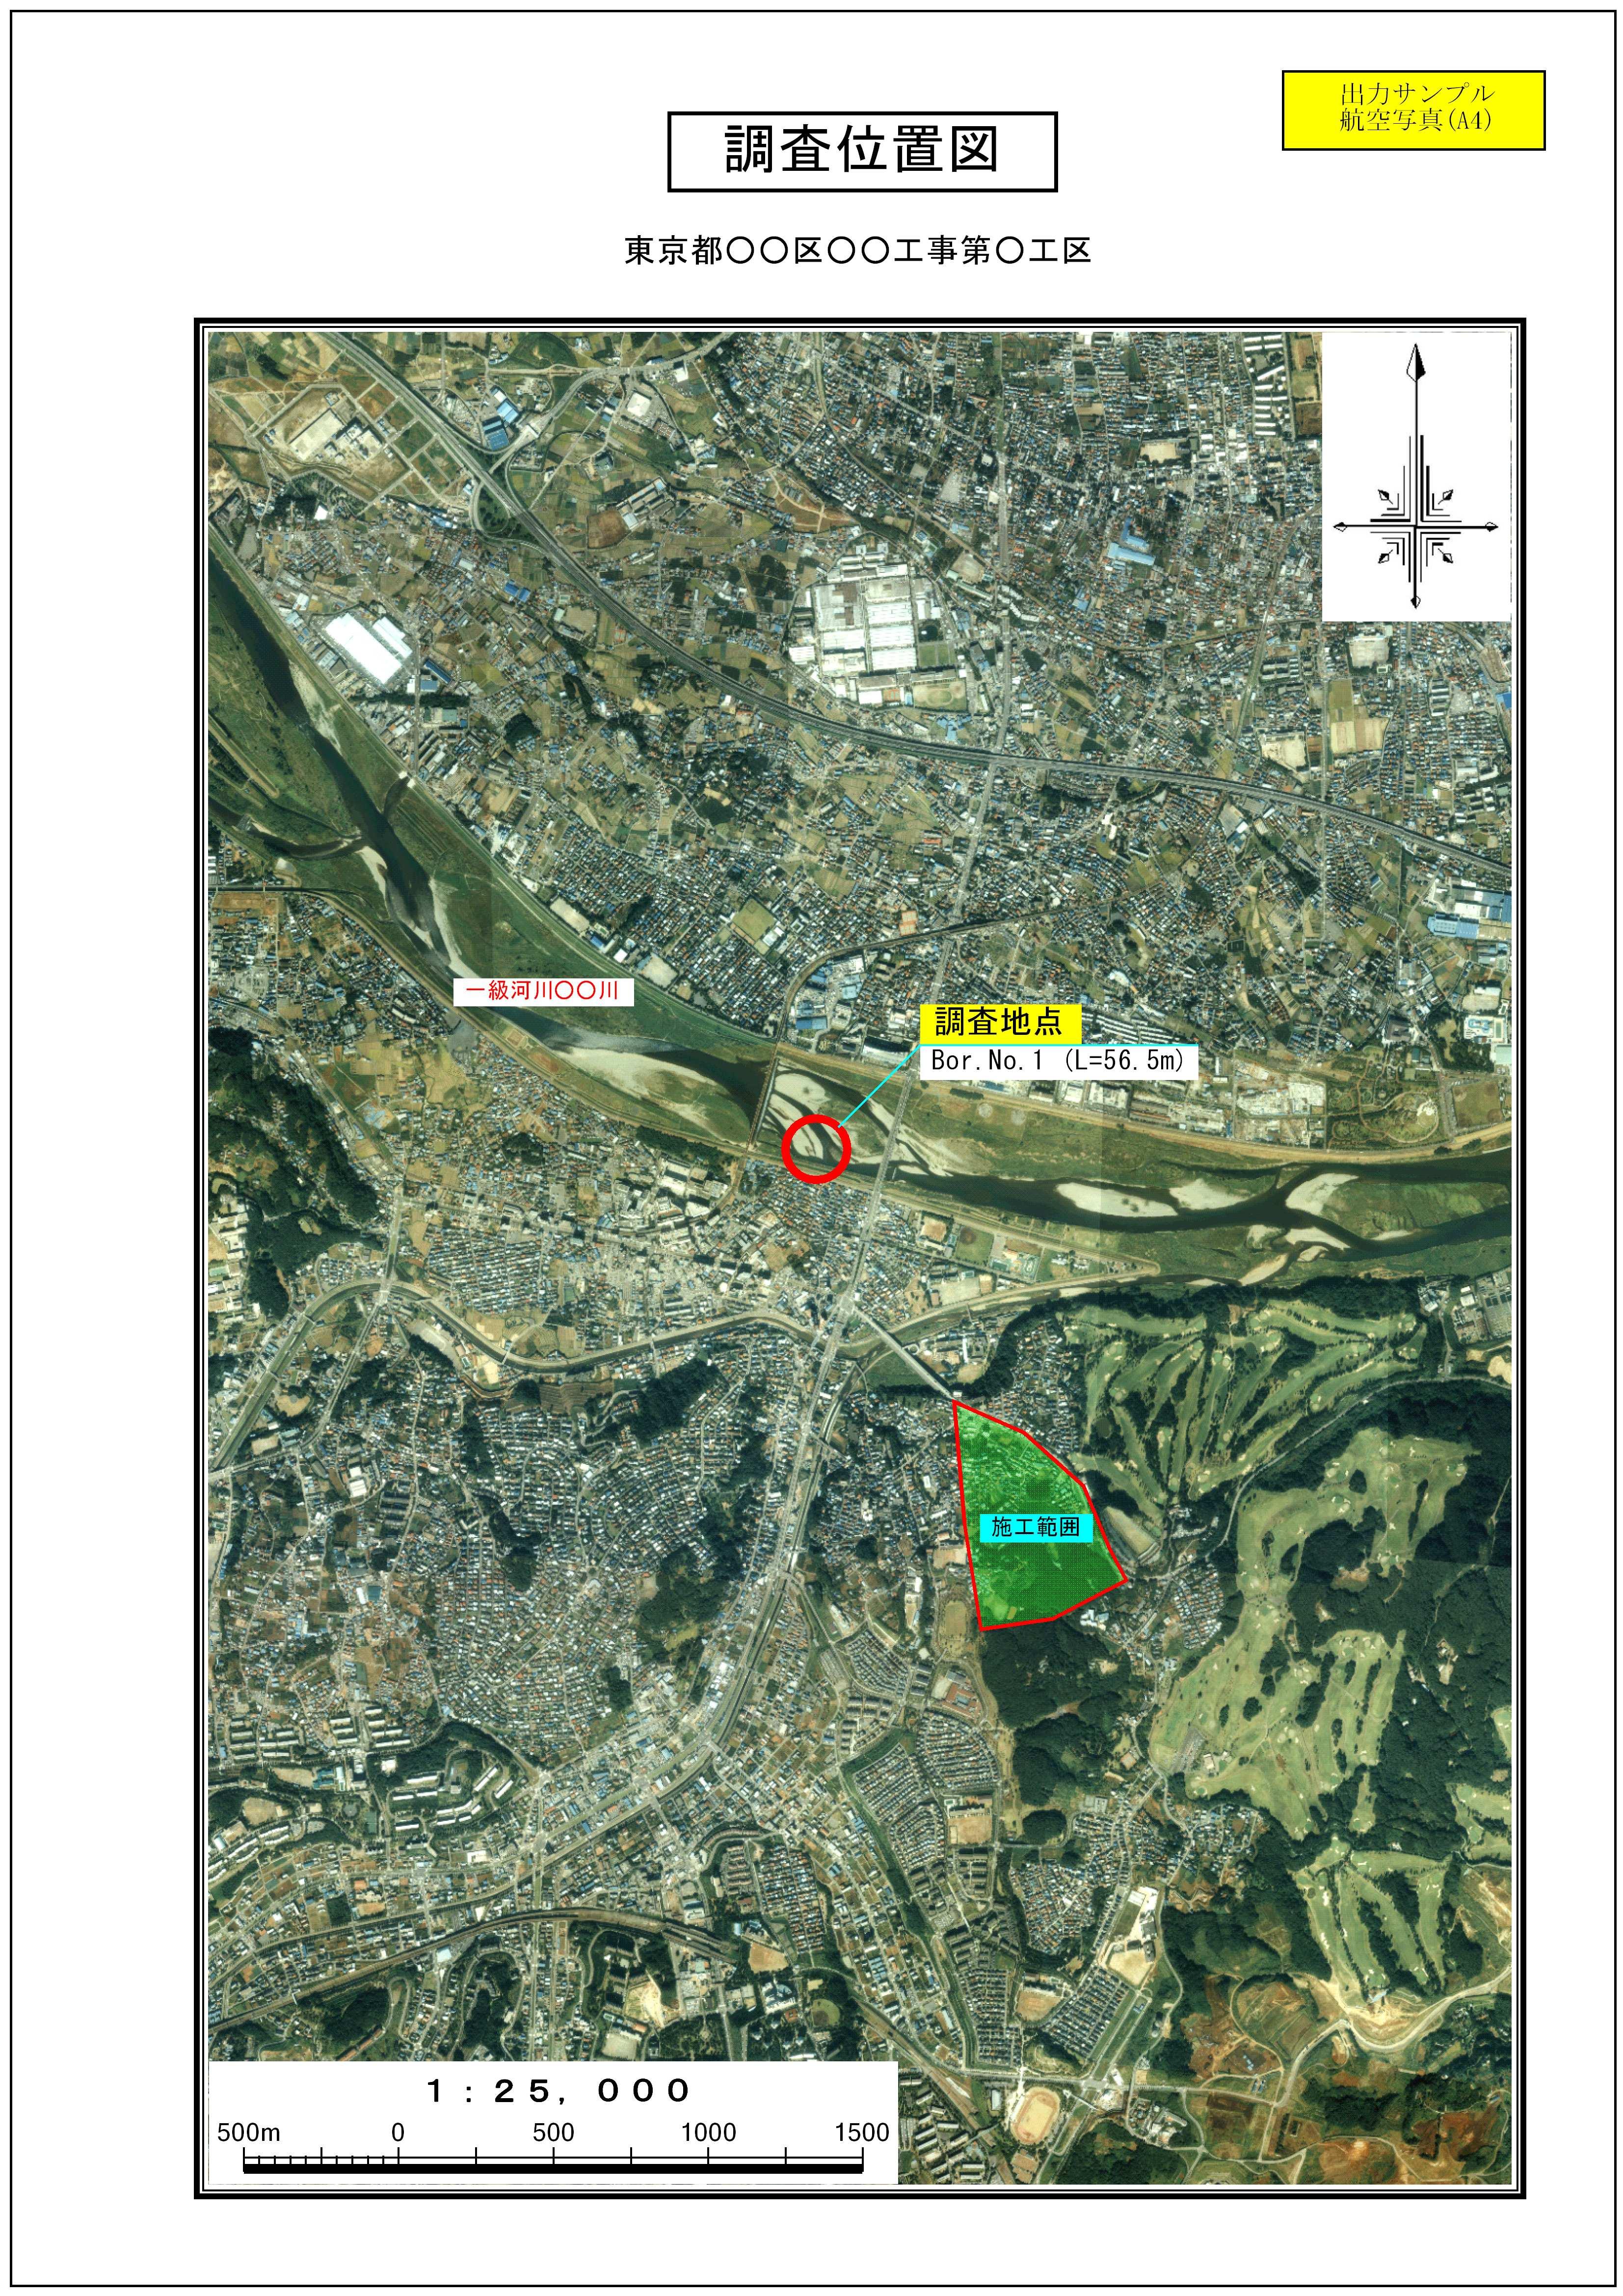 データのダウンロード | 地理空間情報ライブラリー